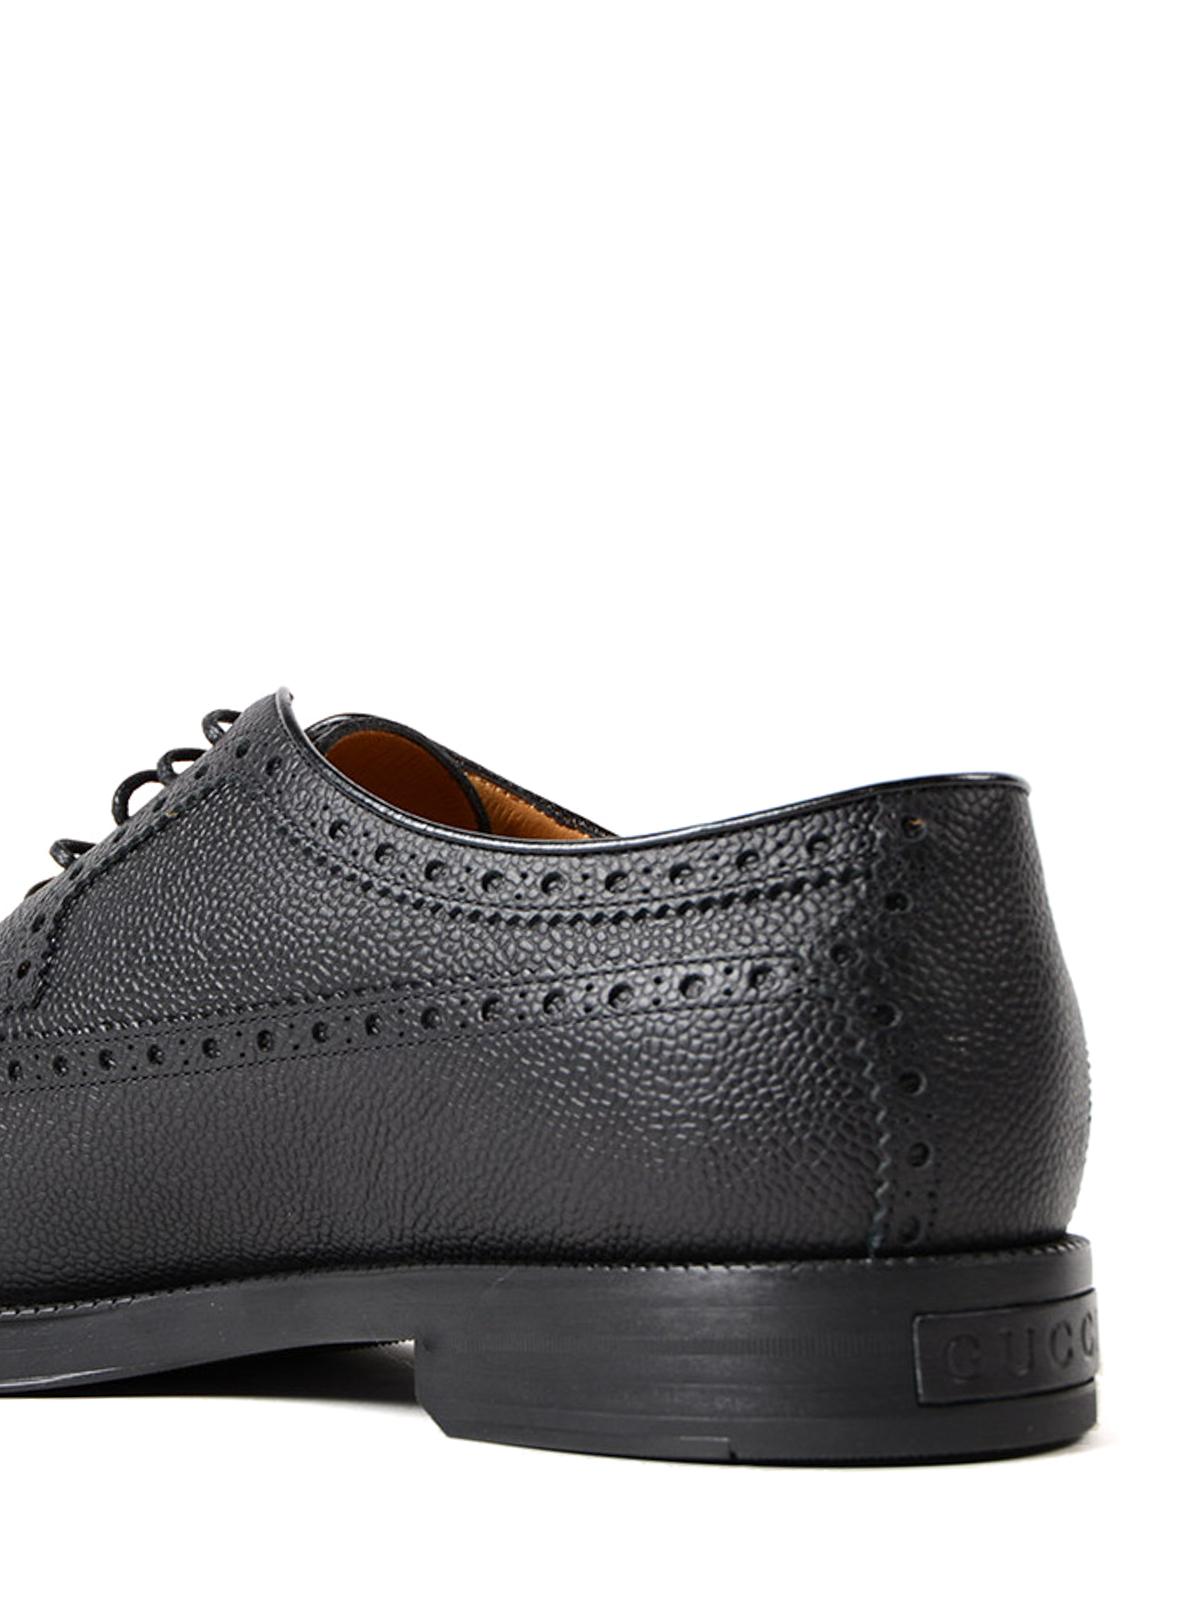 iKRIX GUCCI  Zapatos con cordones - Zapatos Con Cordones - Negro a2da34fd137